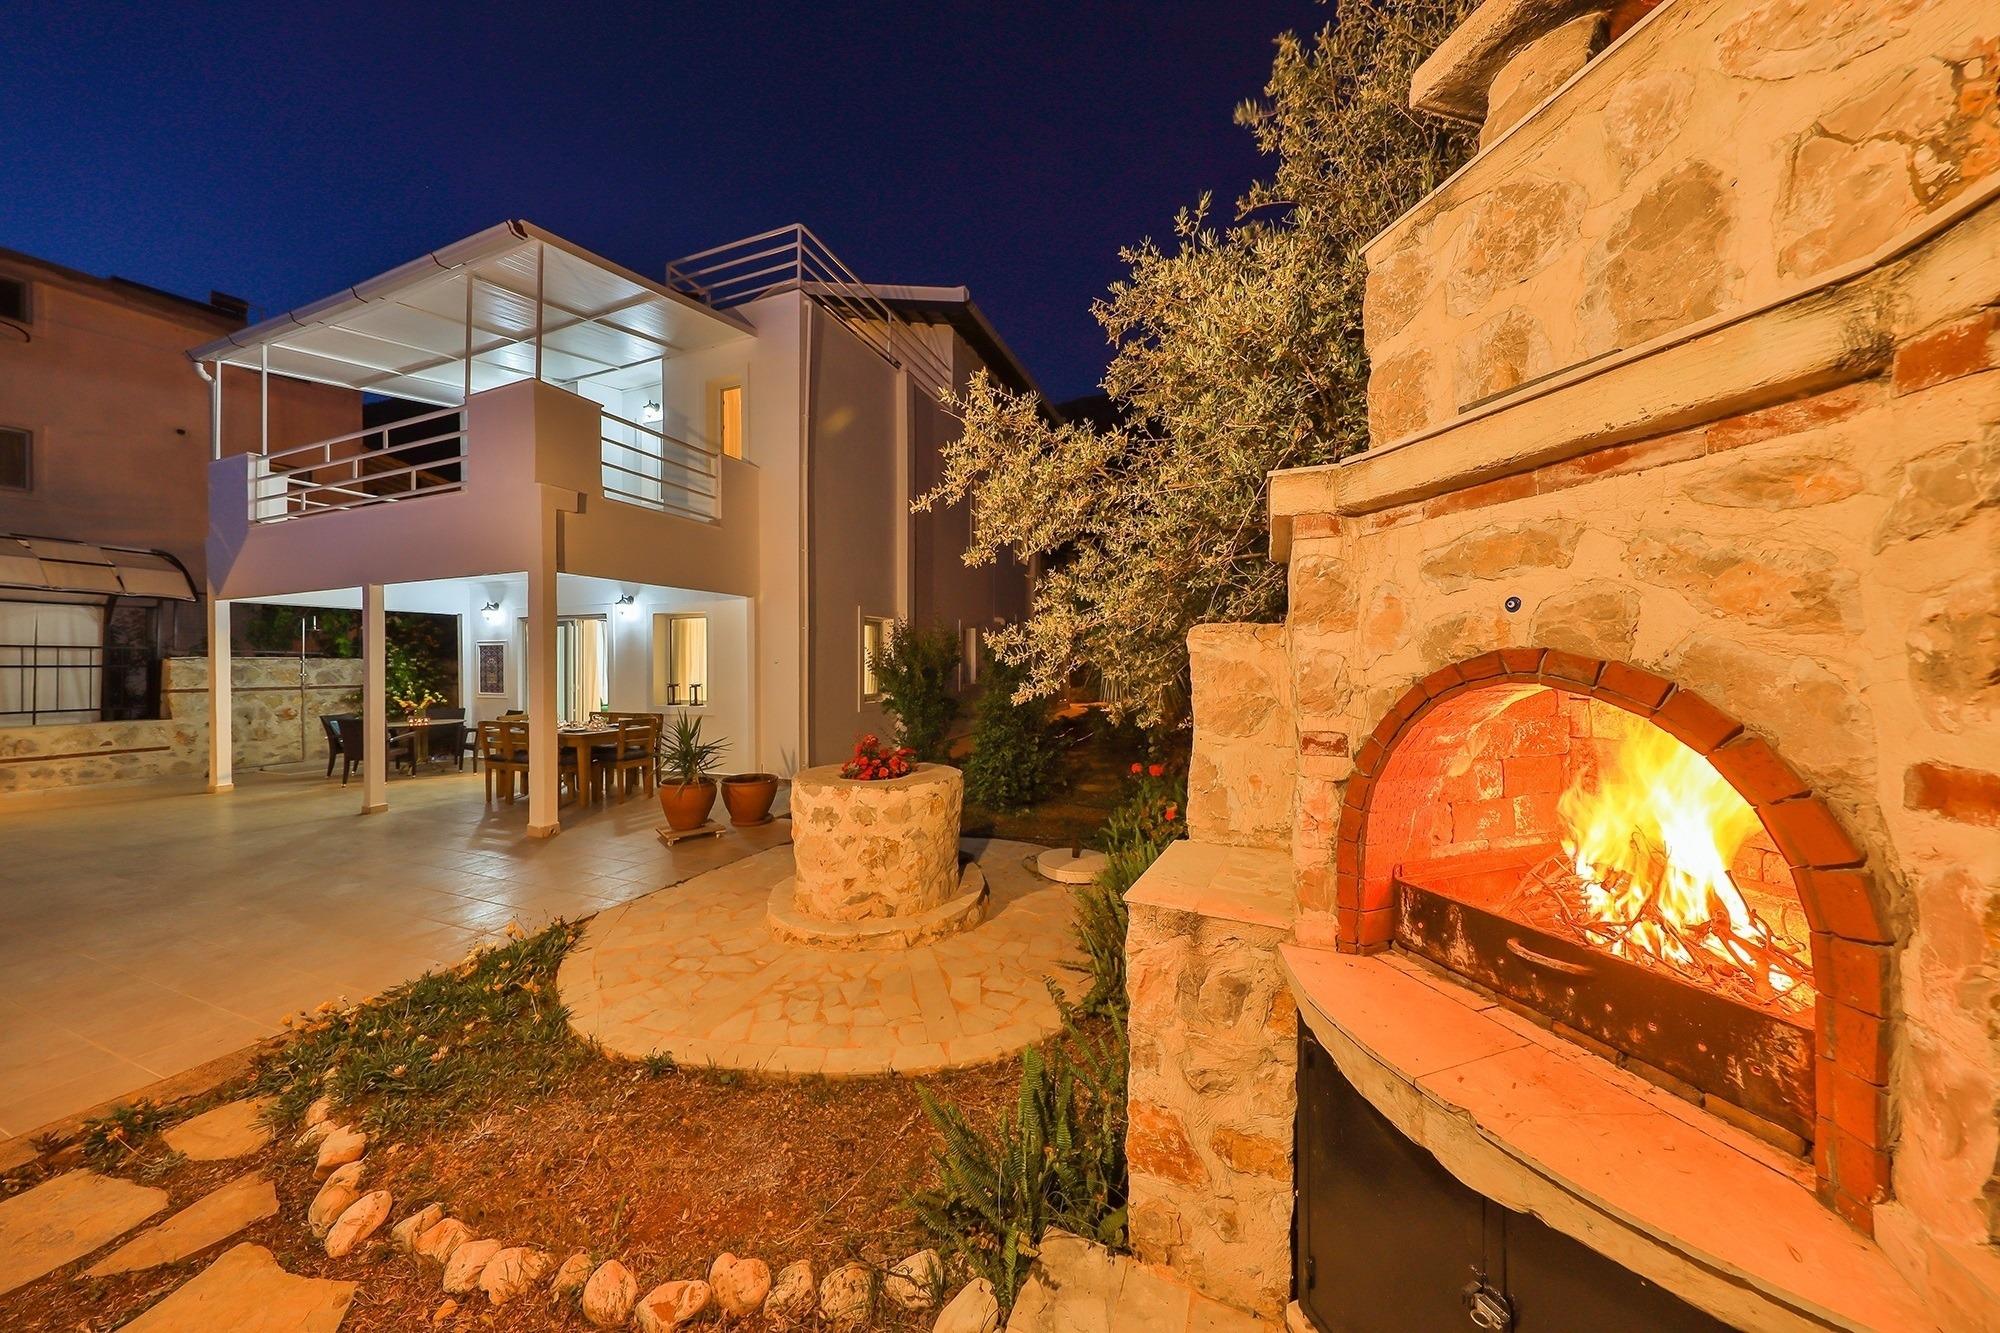 Ferienhaus Villa Asfina (2628177), Kalkan, , Mittelmeerregion, Türkei, Bild 25